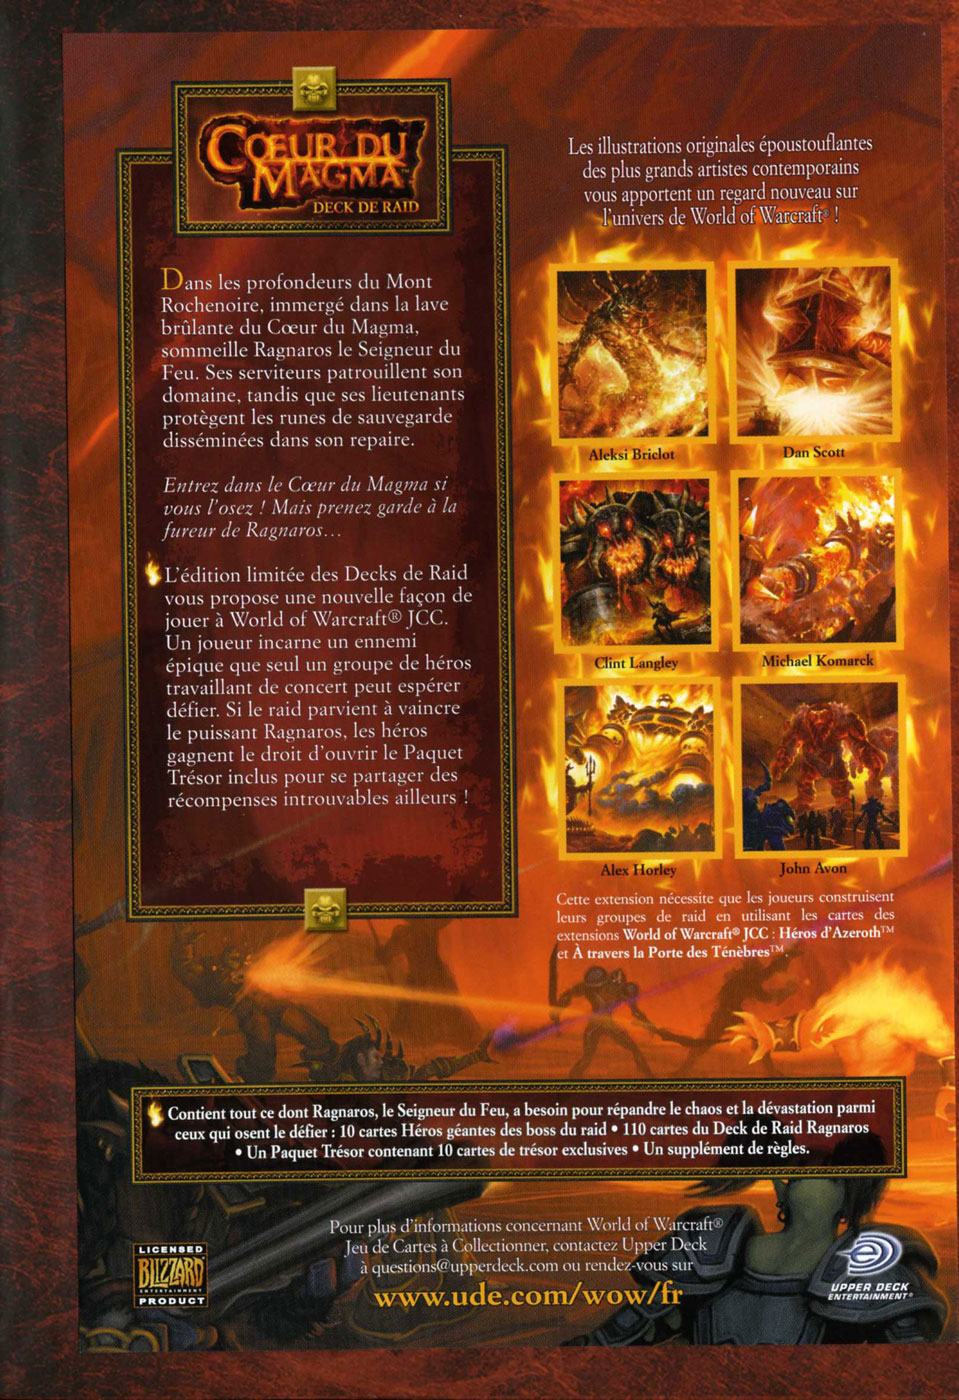 Deck de raid Coeur du Magma, du jeu de cartes à collectionner World of Warcraft.